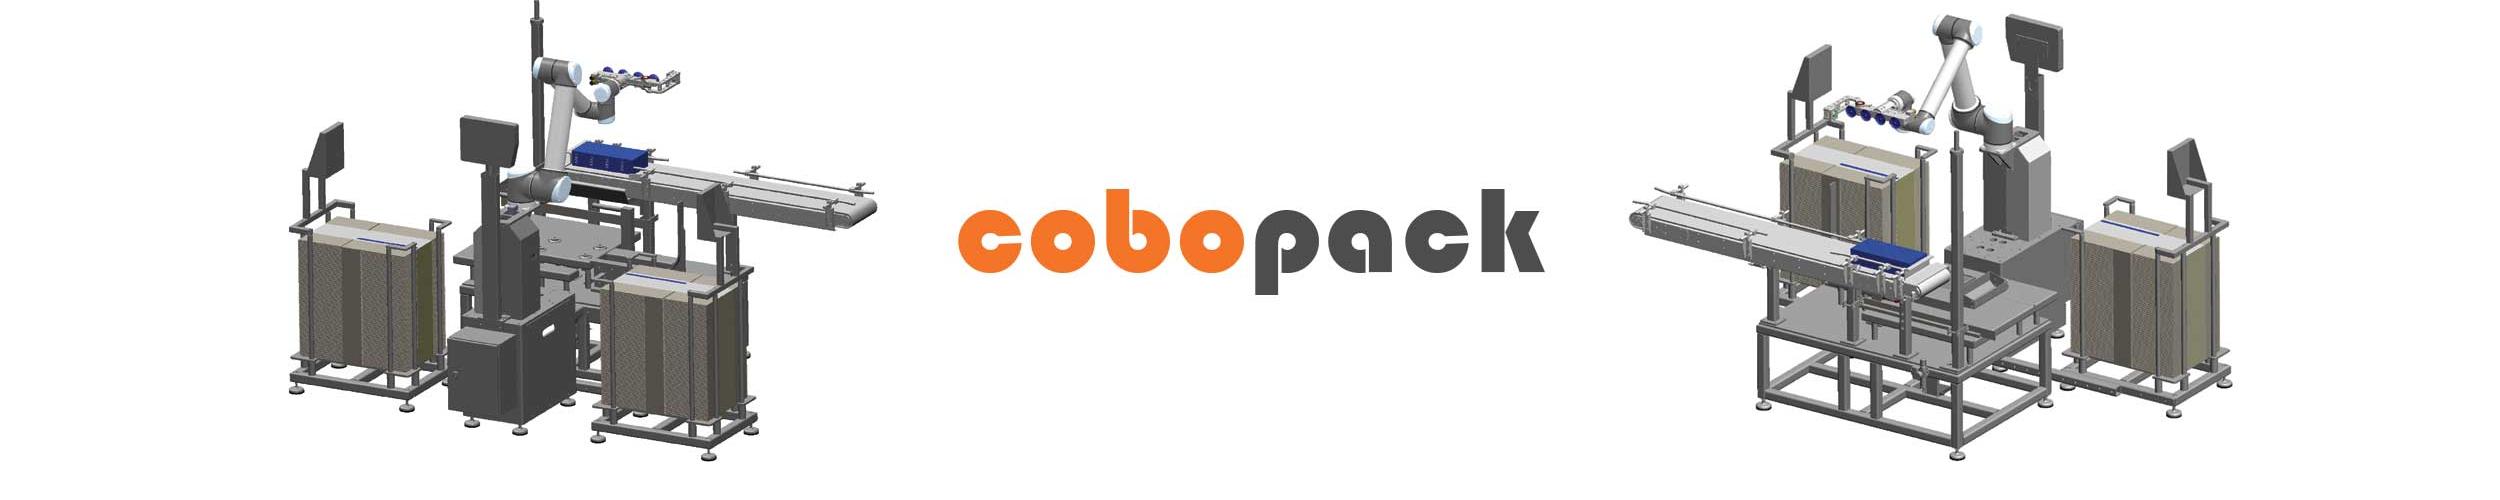 Cobopack